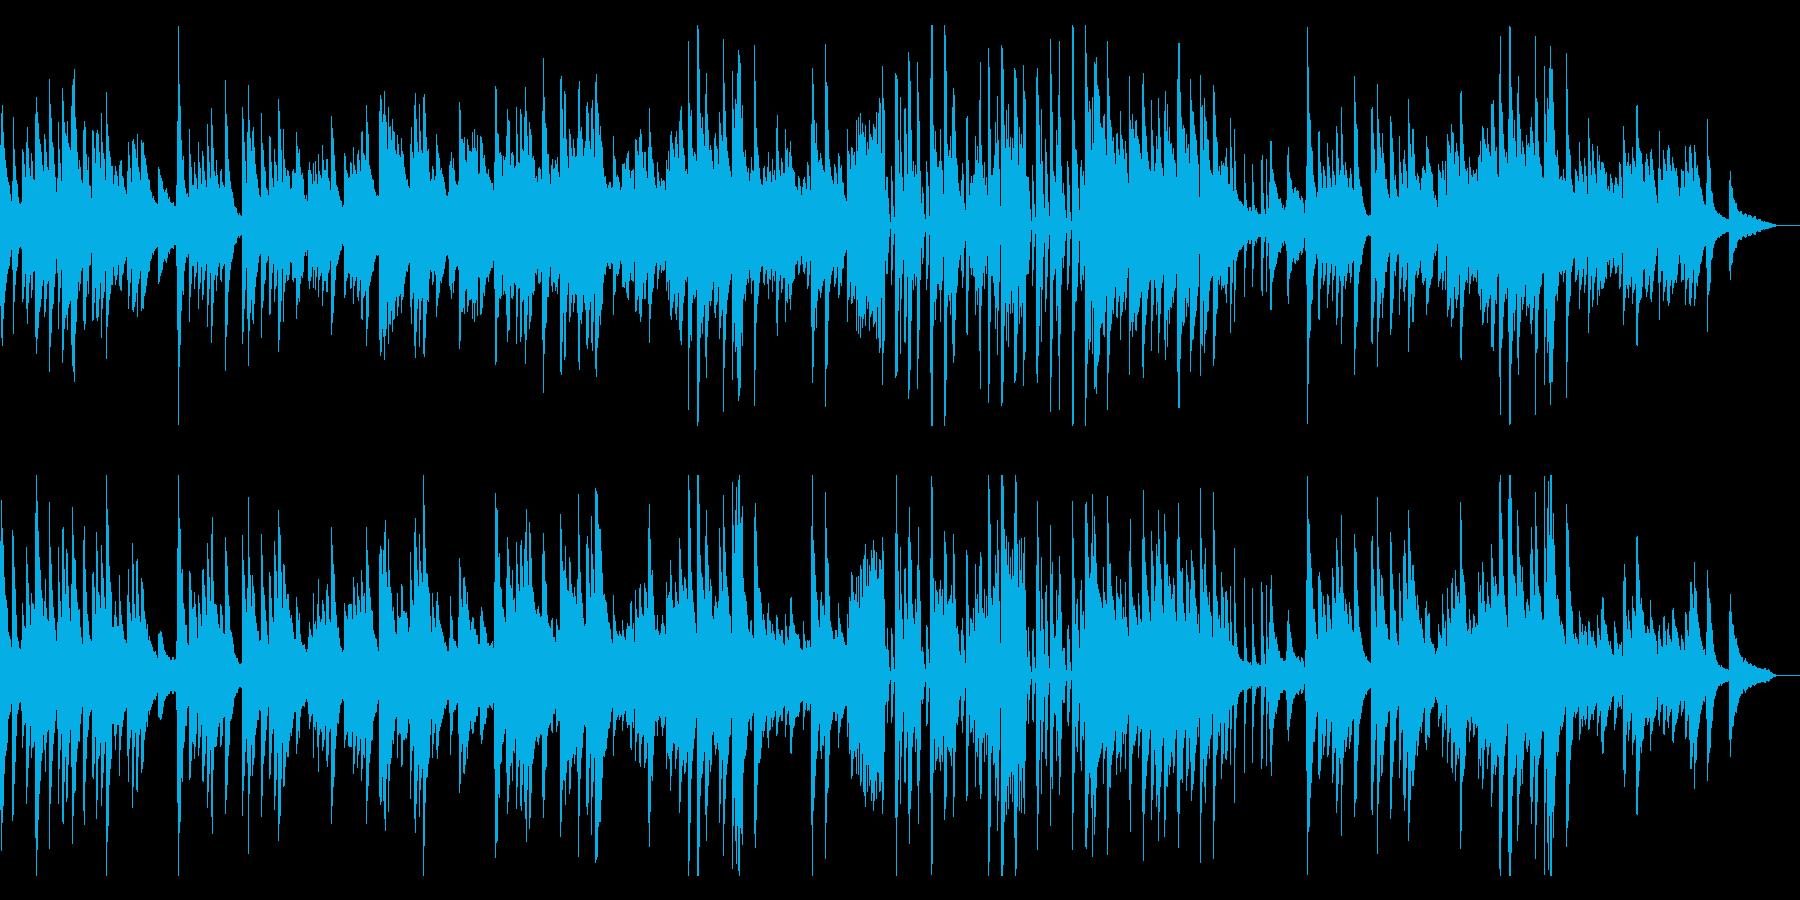 ノスタルジックな思い出ピアノソロバラードの再生済みの波形